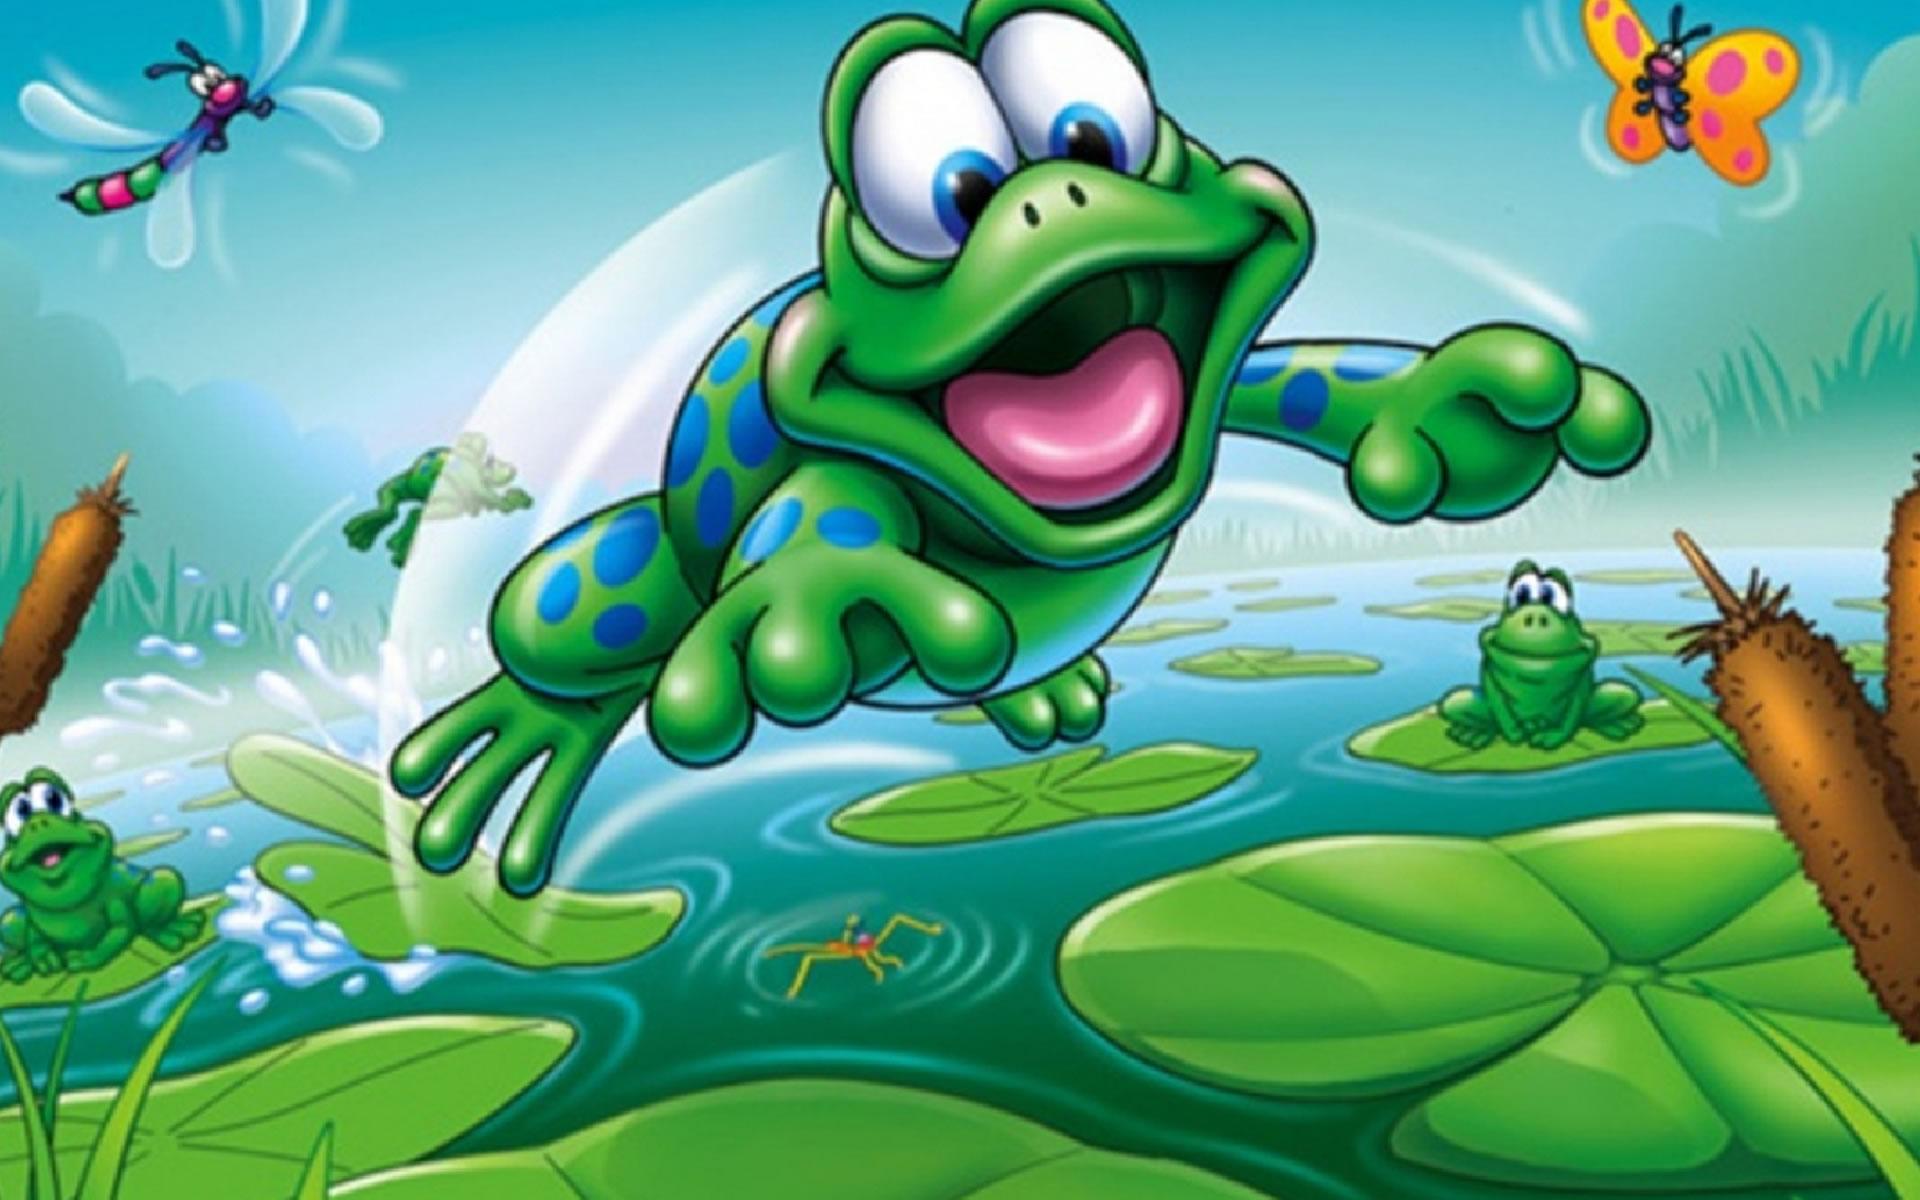 Wallpapers infantiles infantil fondos de pantalla imagenes - Imagenes de nubes infantiles ...